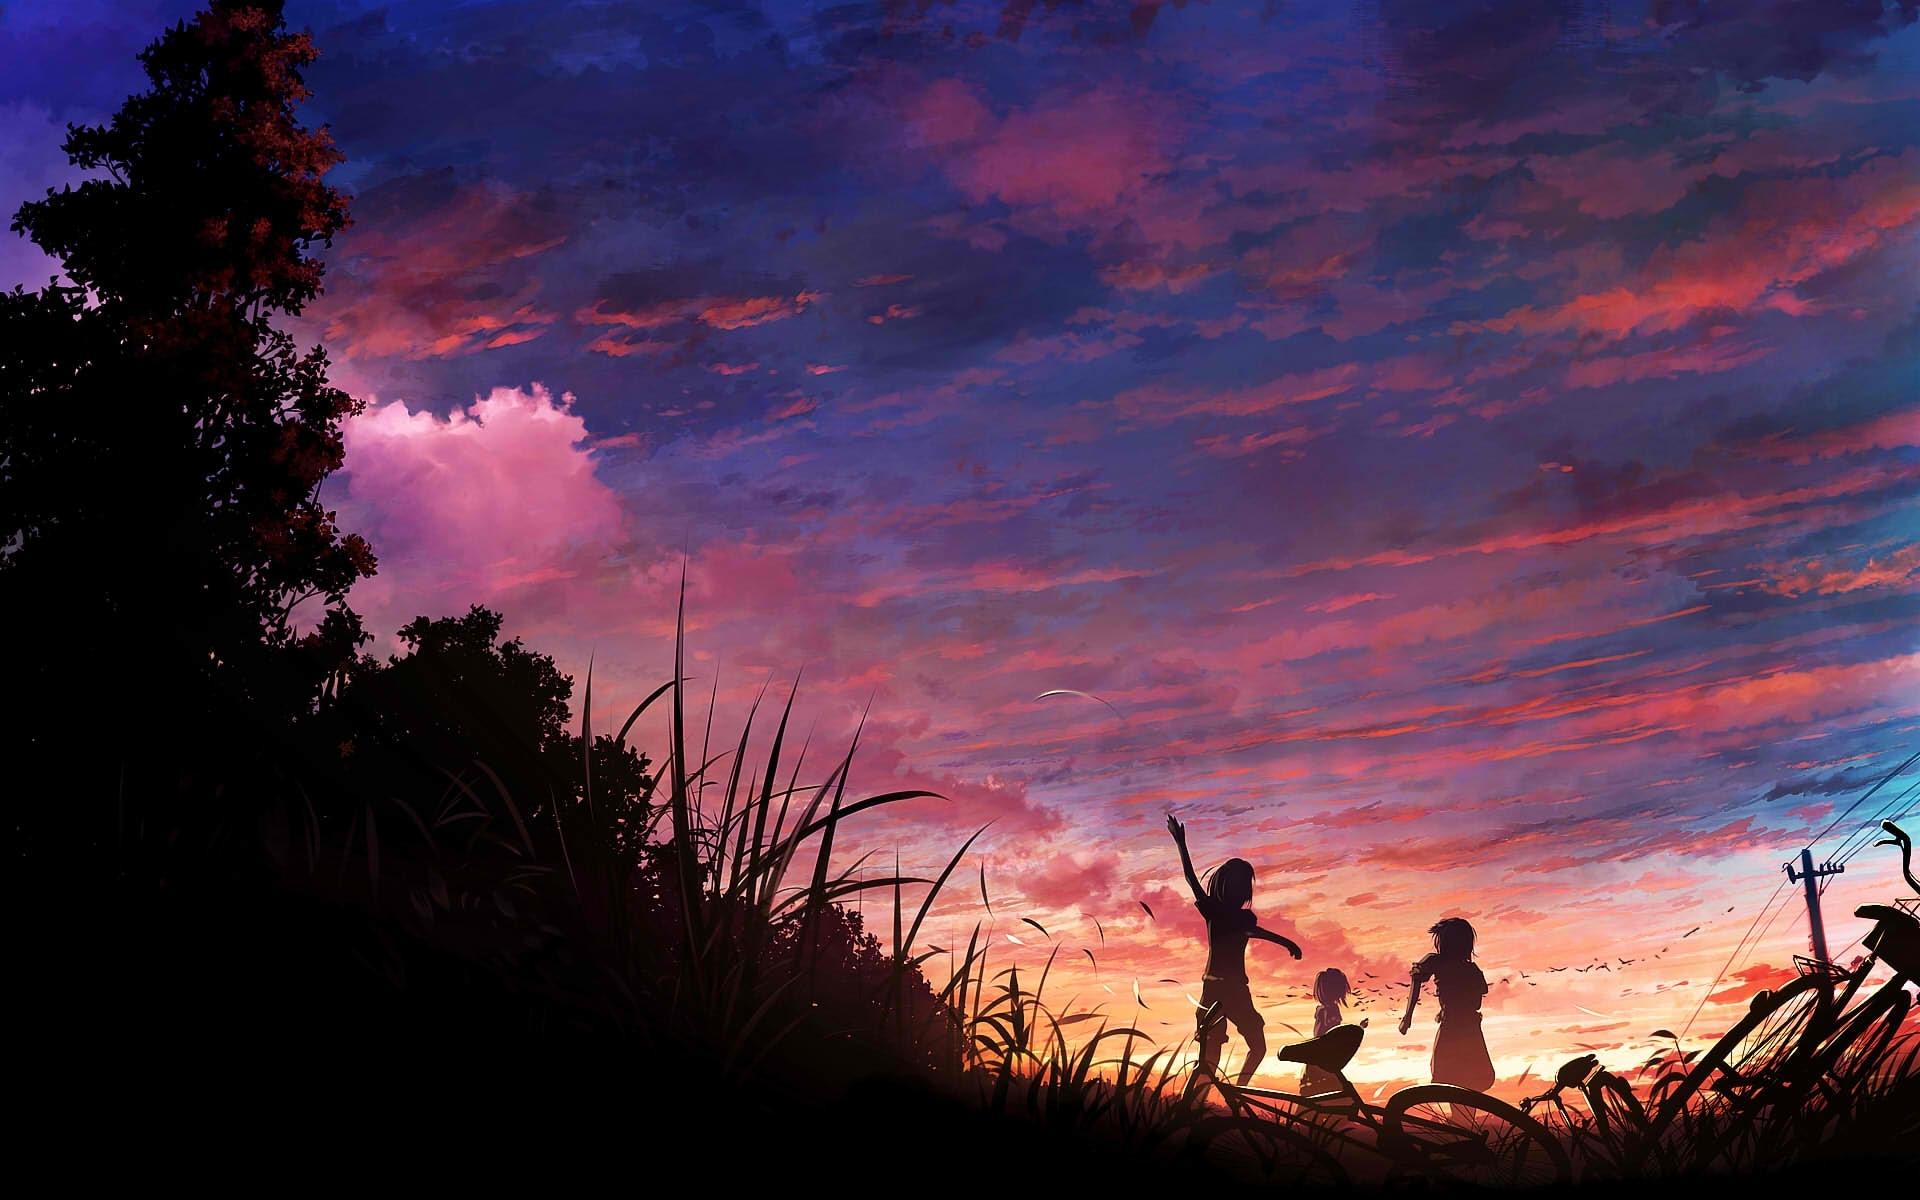 40051 Hintergrundbild herunterladen Anime, Sunset - Bildschirmschoner und Bilder kostenlos